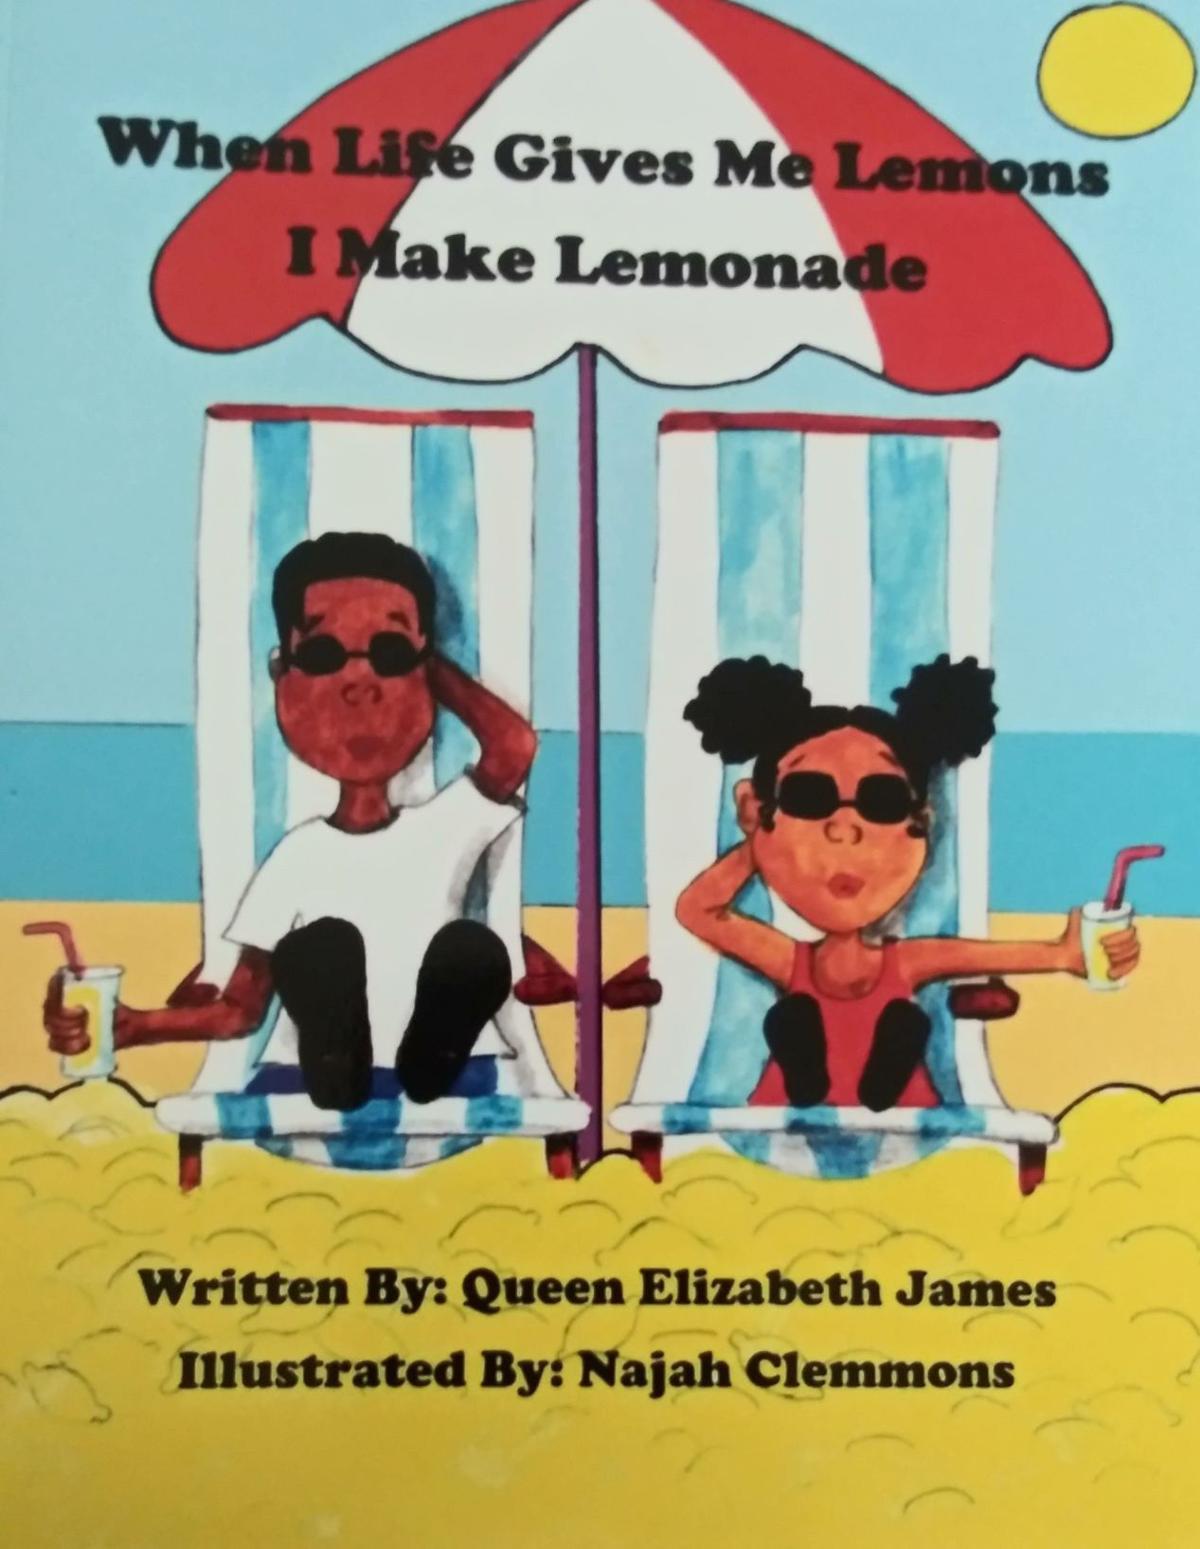 When Life Gives Me Lemons, I Make Lemonade